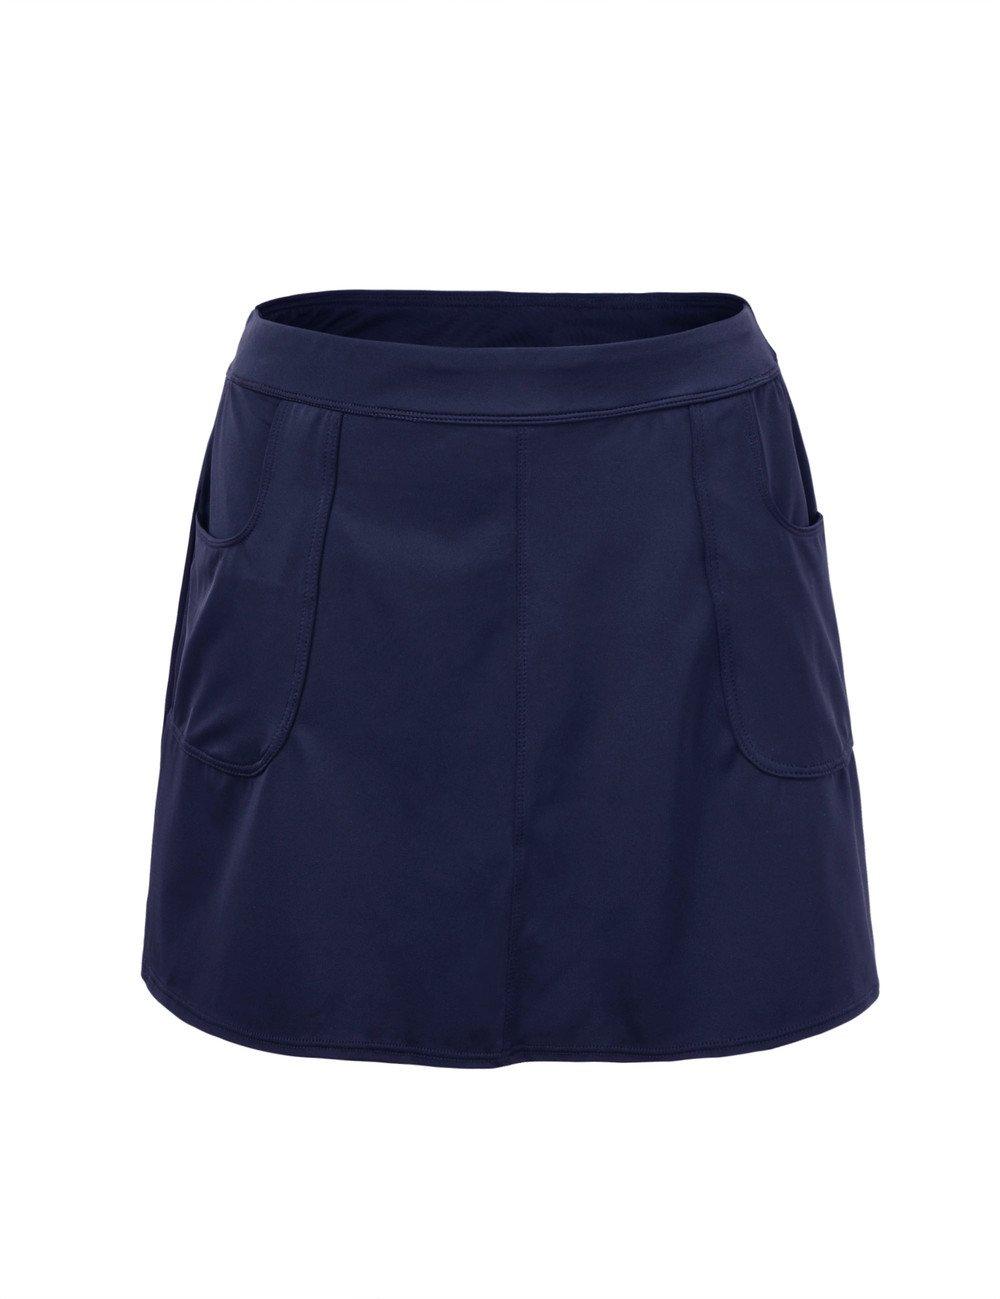 Hilor Women's UPF 50+ Swimsuit Bottom Skirt Athletic Cover up Tankini 10 Navy